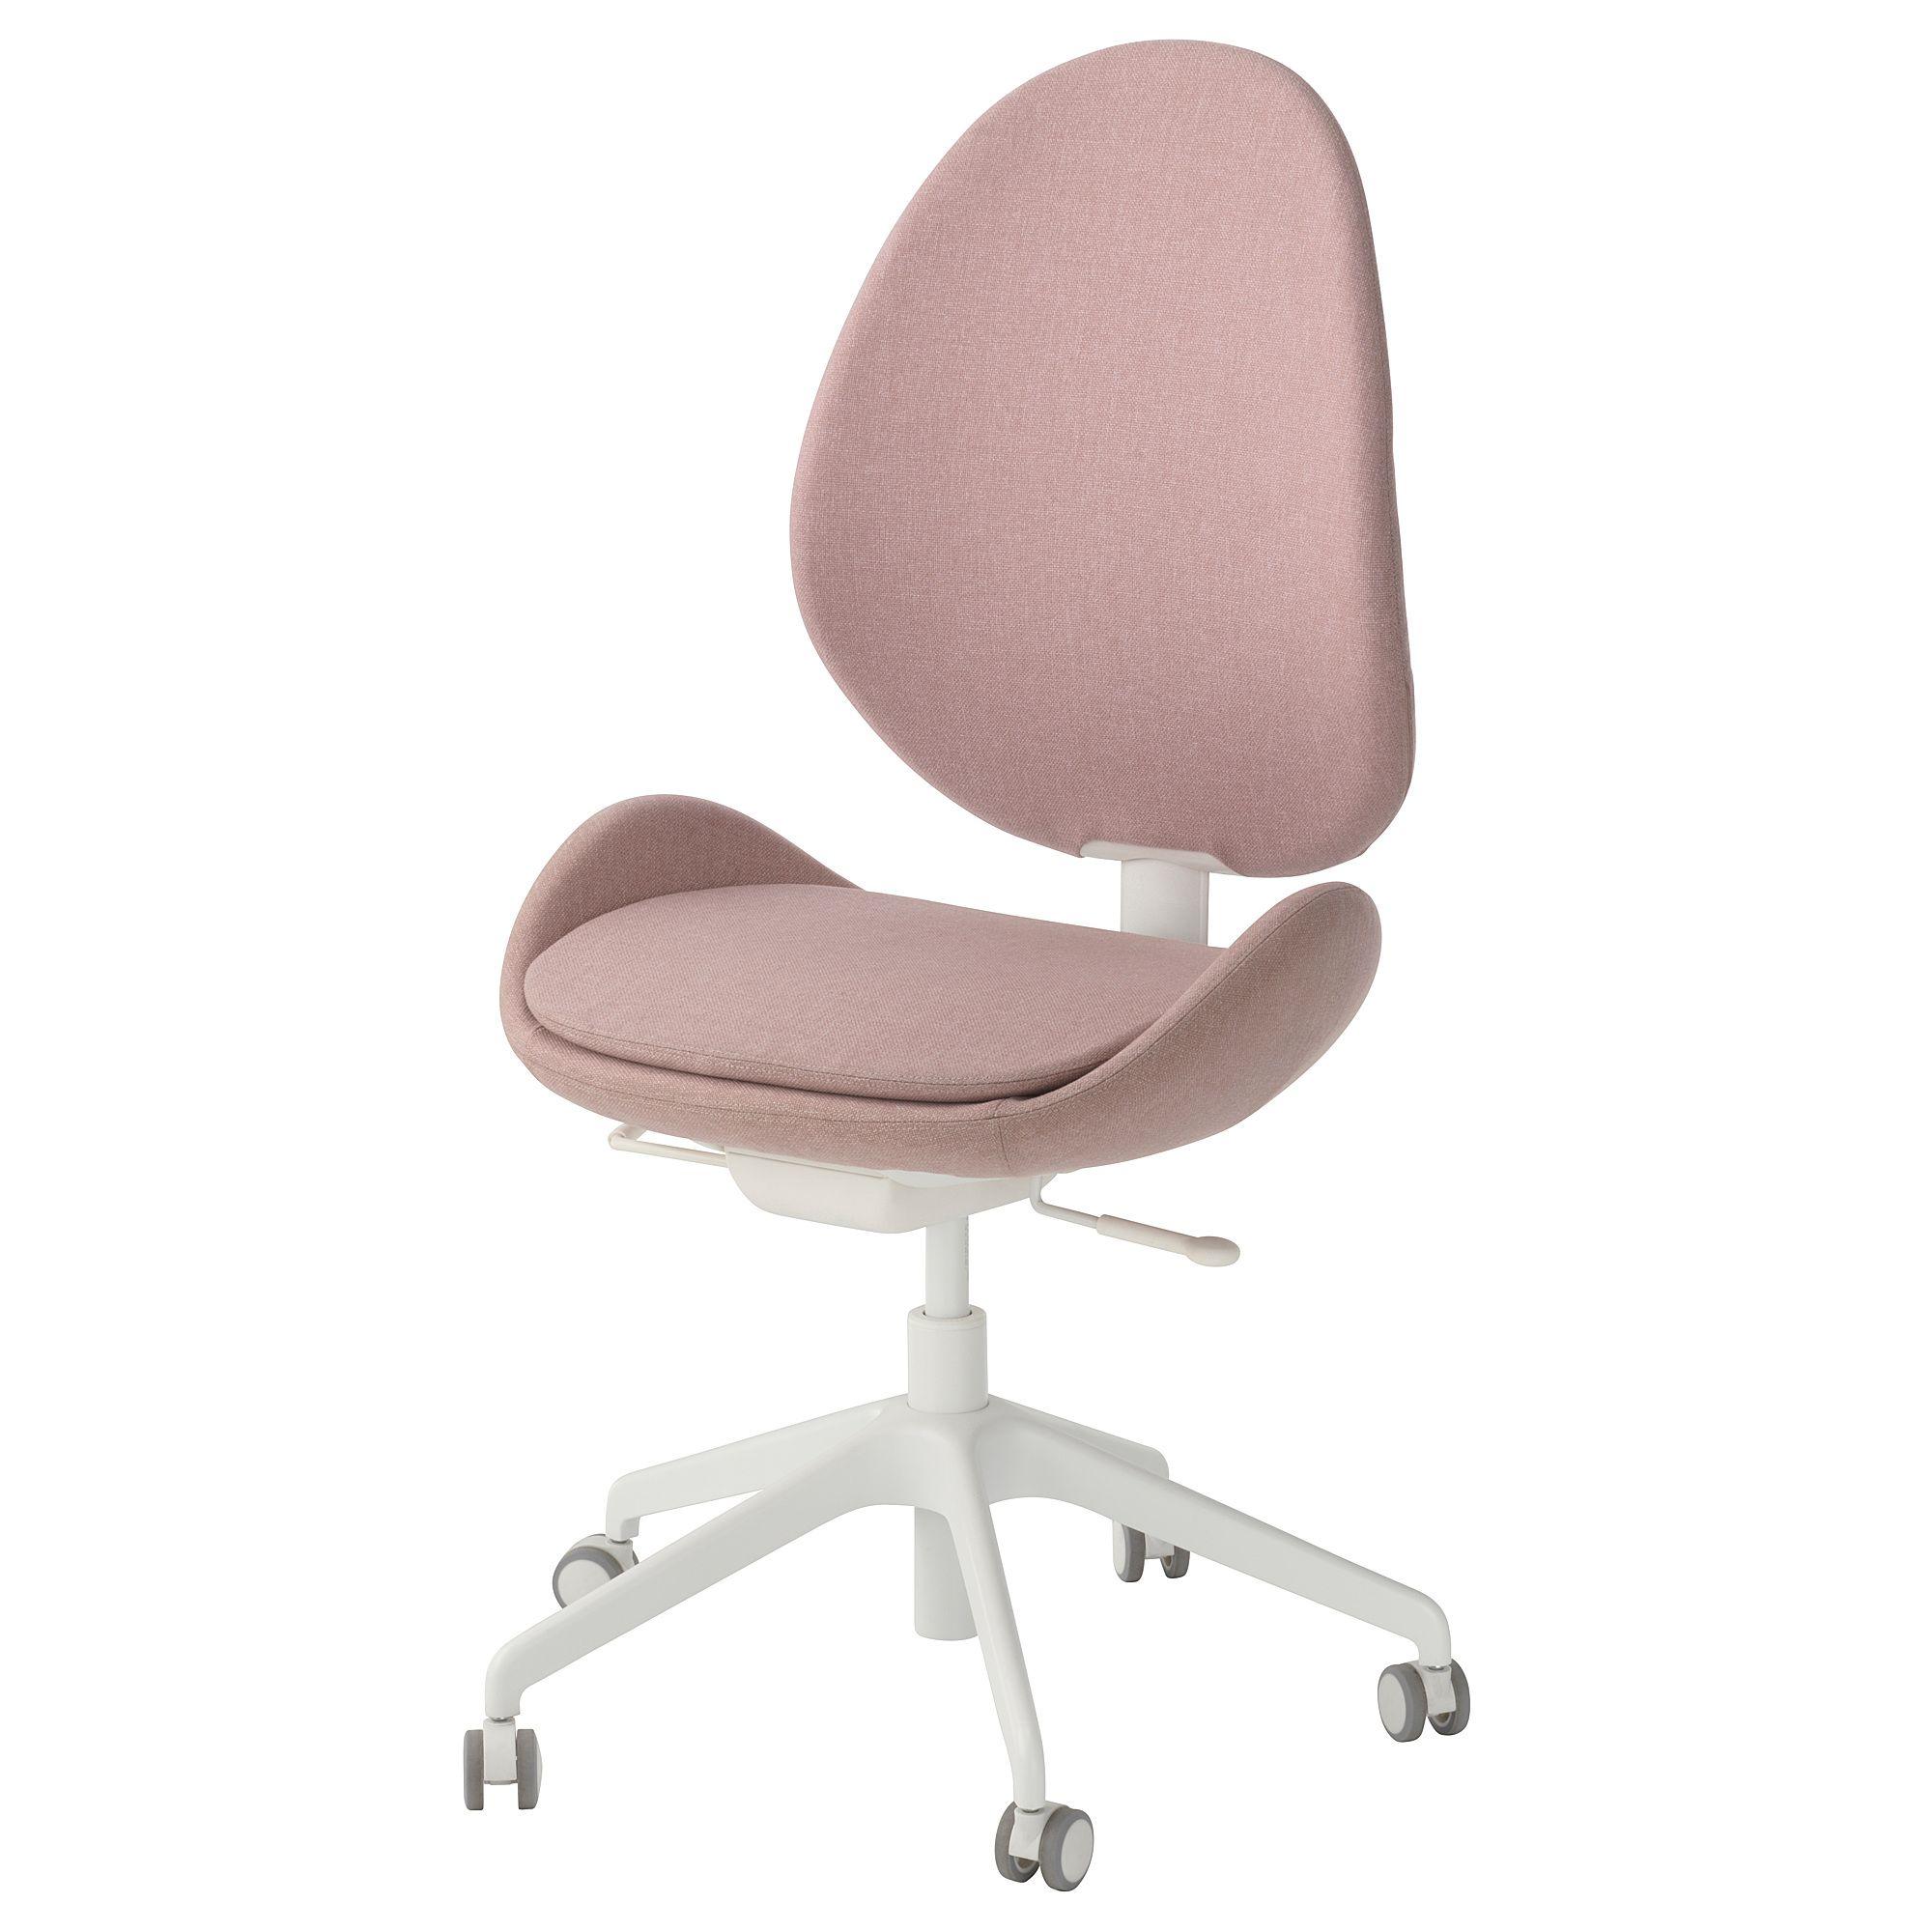 Hattefjall Office Chair Gunnared Light Brown Pink Ikea Office Chair Best Office Chair Swivel Chair